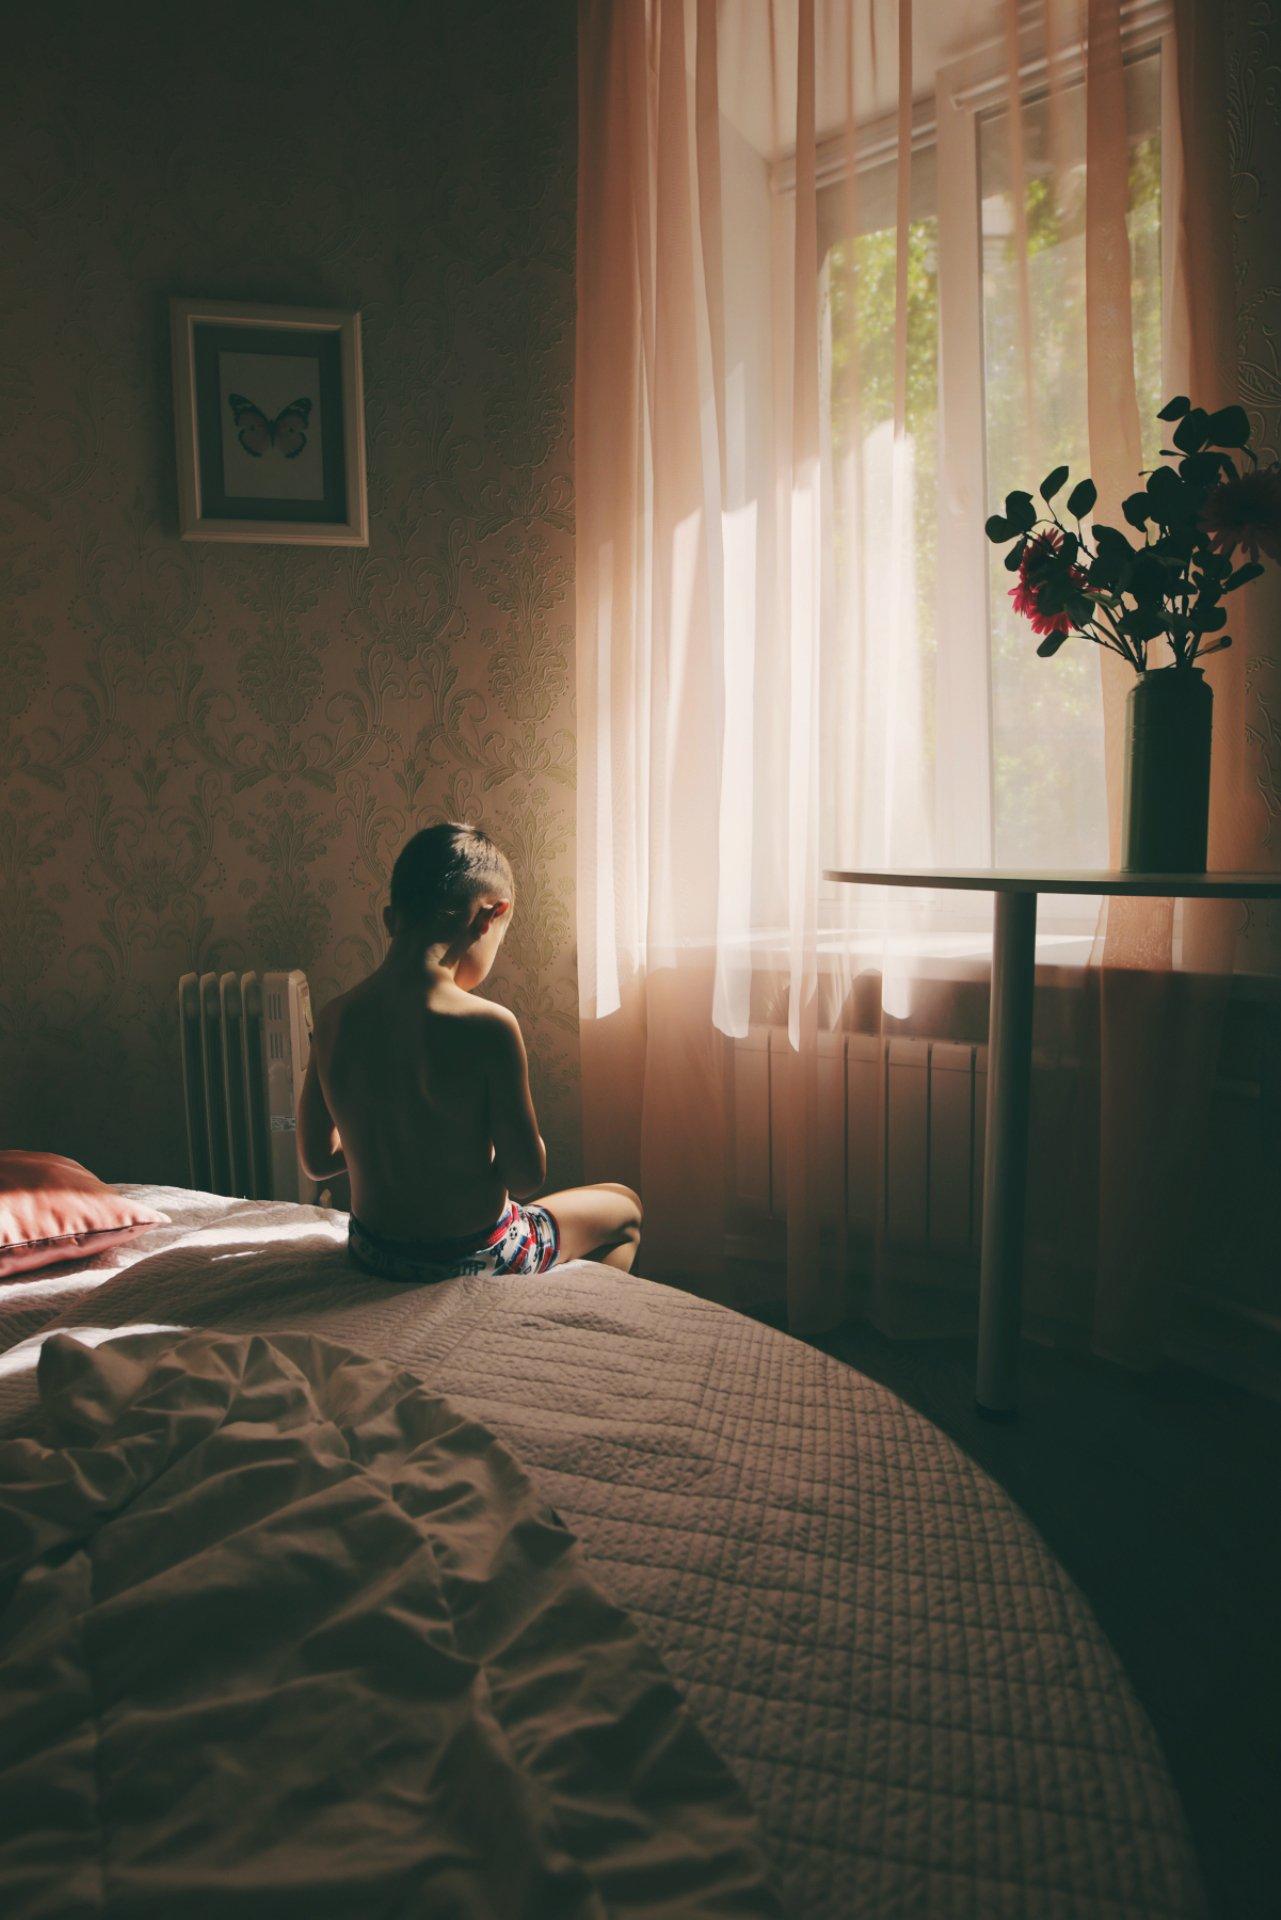 свет, детская фотография, Евгения Коригова